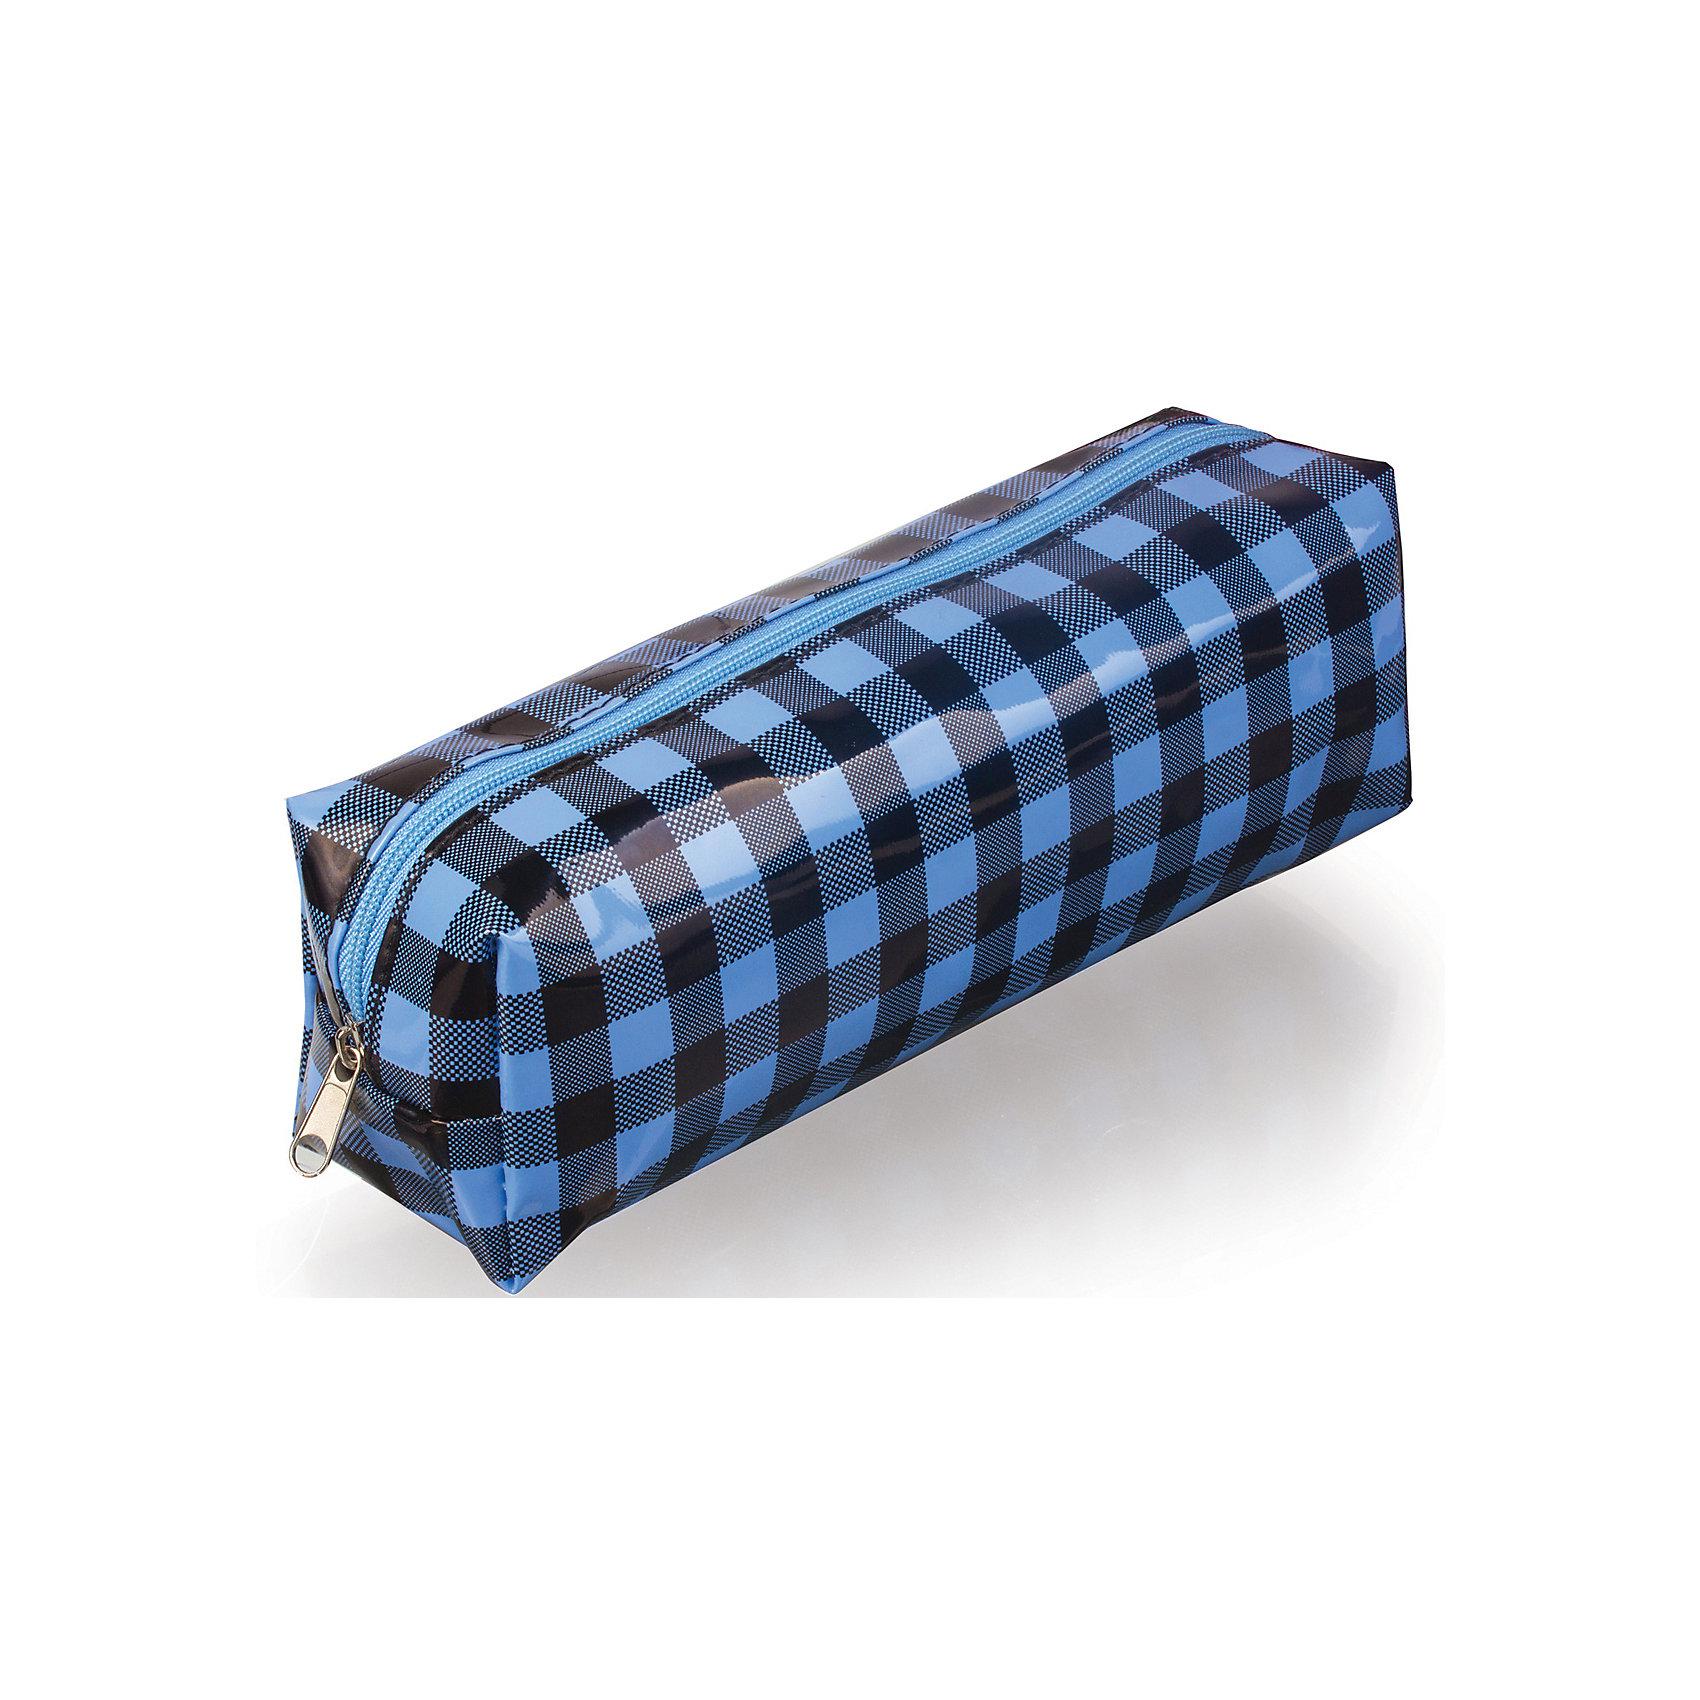 Пенал-косметичка Brauberg КлеткаПеналы без наполнения<br>Удобный, легкий и вместительный пенал-косметичка. Клетка в черно-голубых тонах выглядит оригинально и стильно.•1 отделение. •Материал - ПВХ. •Размер - 20х6х5 см.<br><br>Ширина мм: 70<br>Глубина мм: 210<br>Высота мм: 50<br>Вес г: 41<br>Возраст от месяцев: 72<br>Возраст до месяцев: 2147483647<br>Пол: Унисекс<br>Возраст: Детский<br>SKU: 6893797